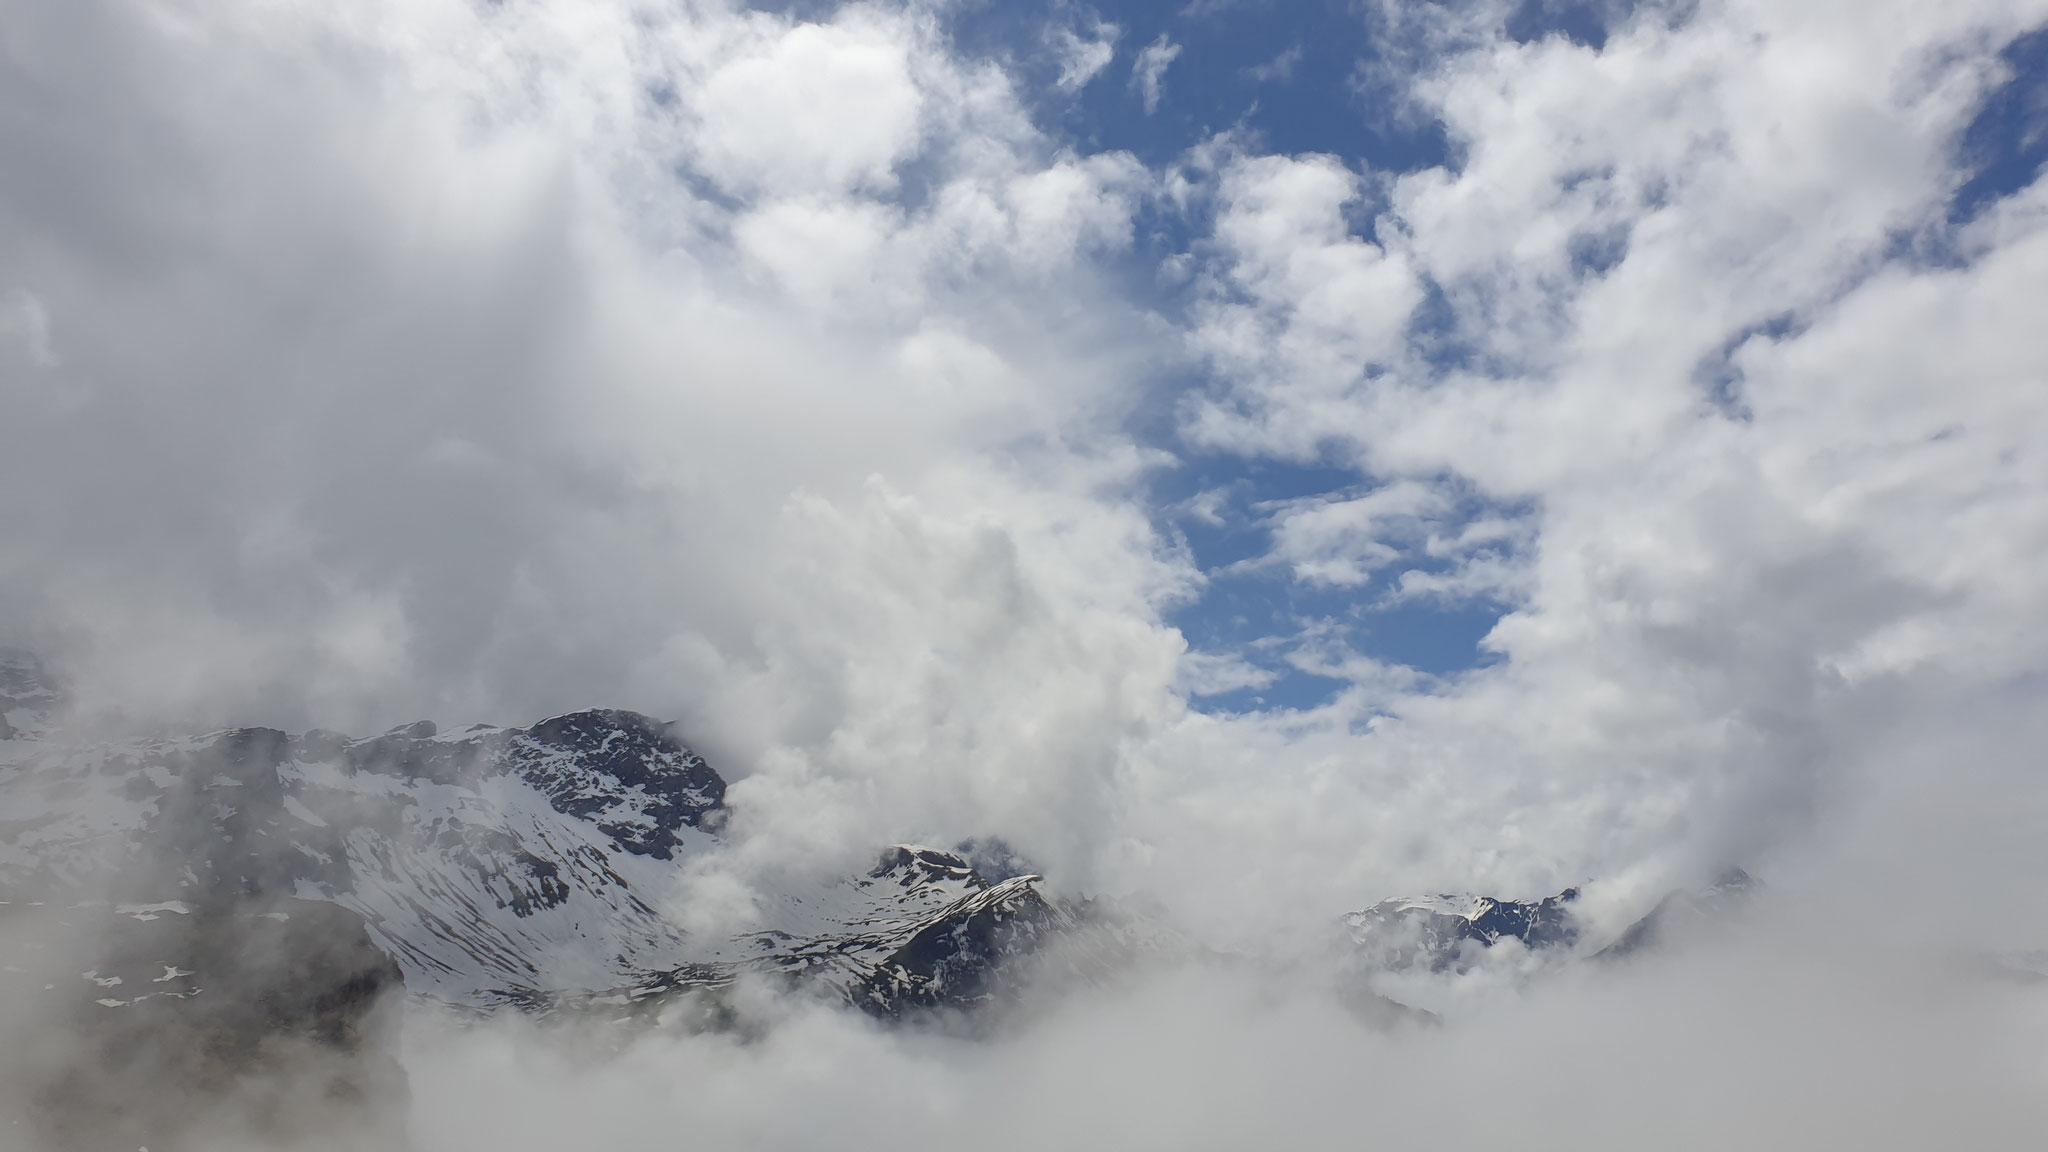 wunderschön die Berge in den Wolken